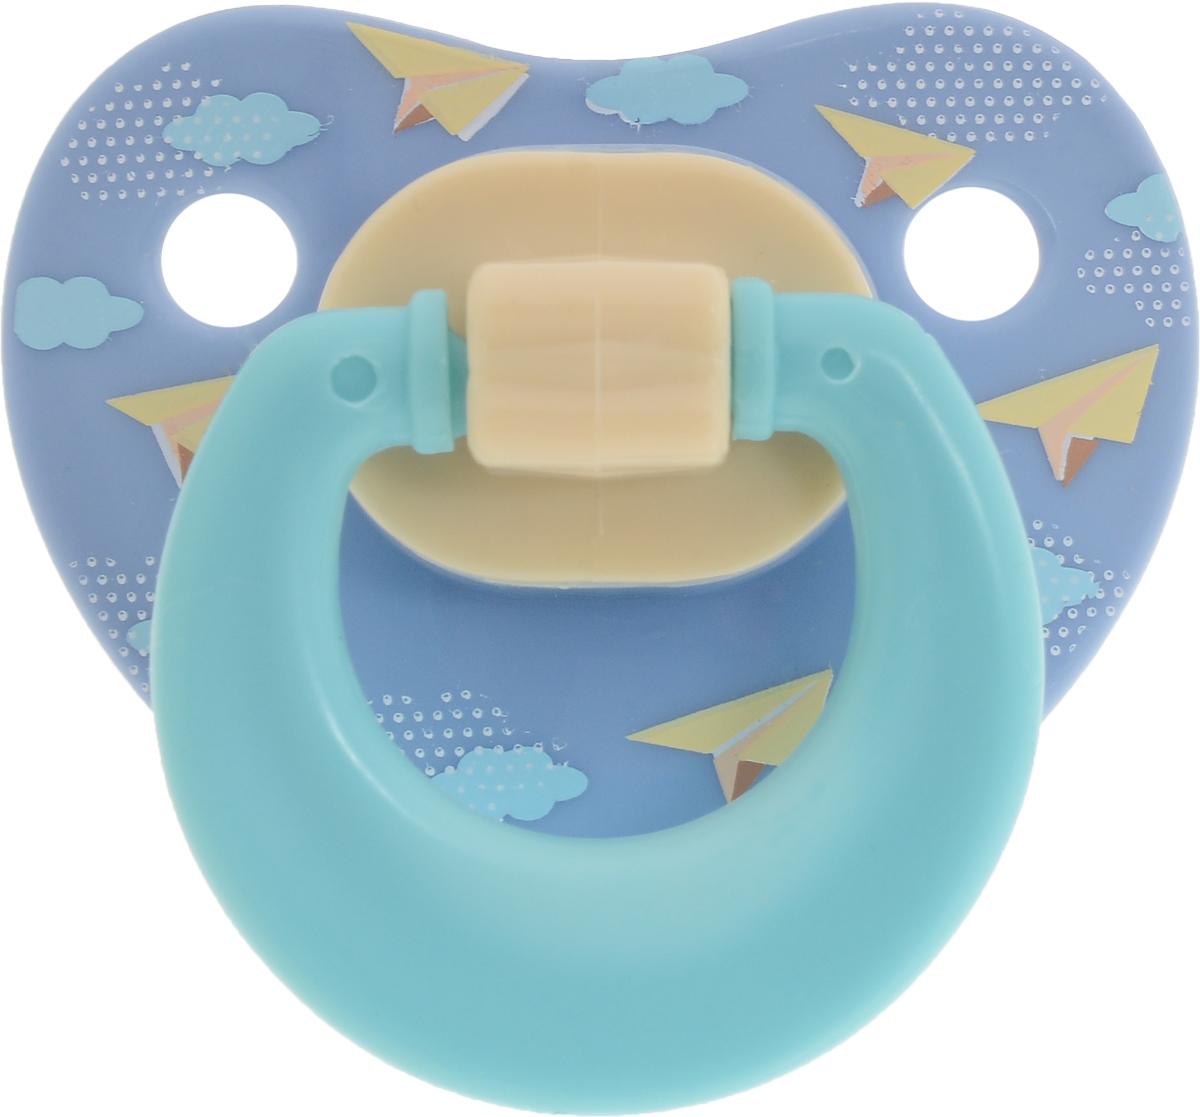 Мир детства Пустышка латексная классическая от 6 месяцев цвет голубой